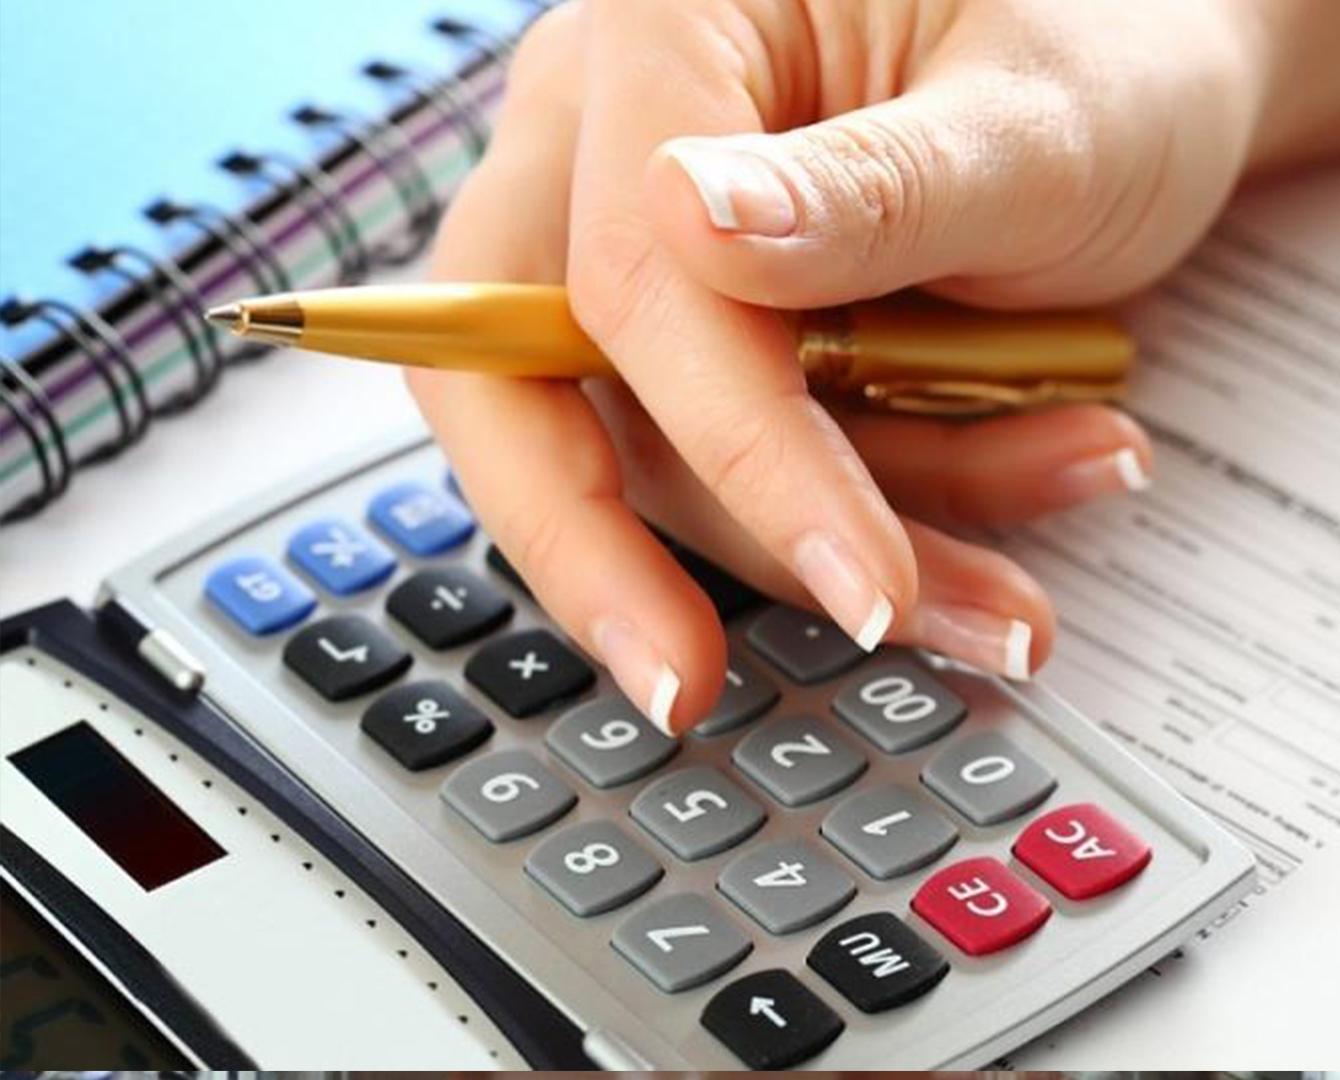 Более 1 млн казахстанцев имеют налоговую задолженность - Минфин